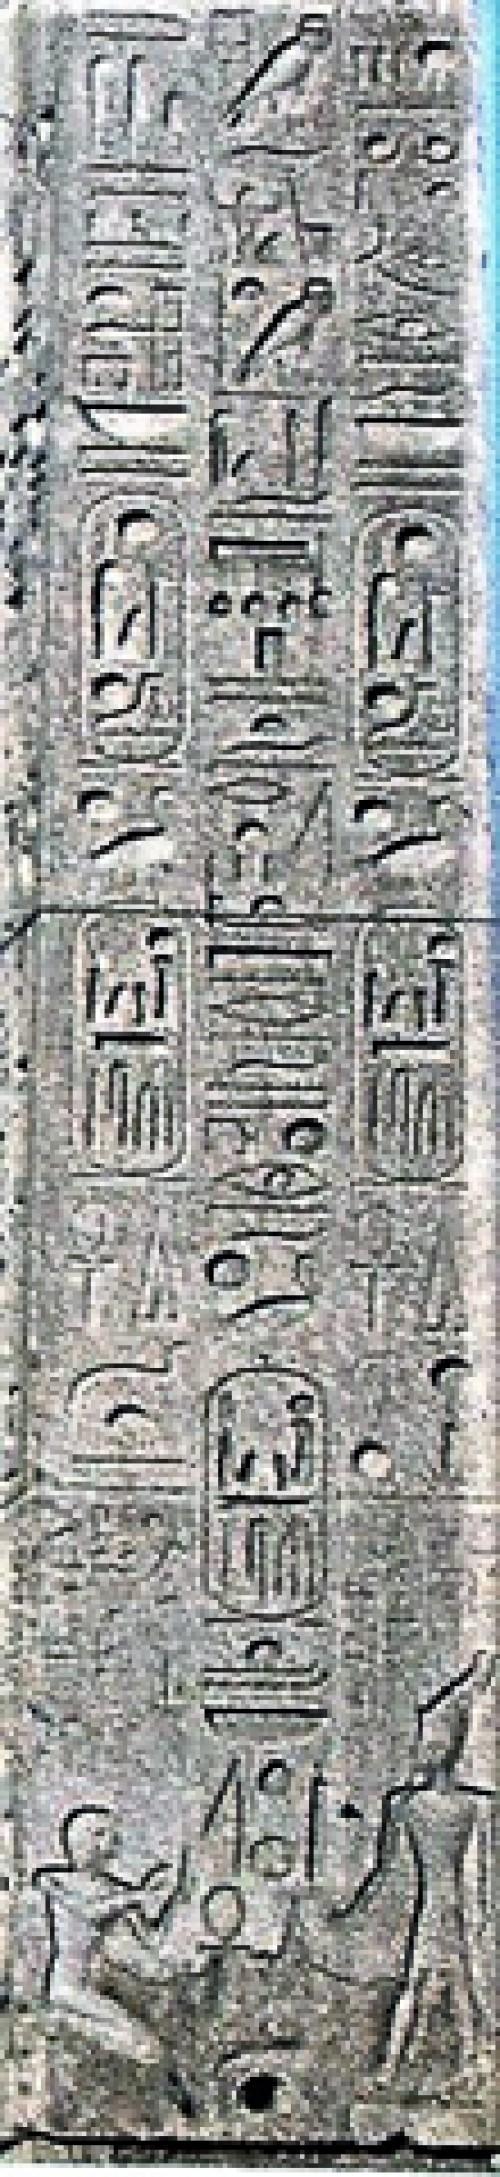 Flaminio Obelisk, fragment, Piazza del Popolo